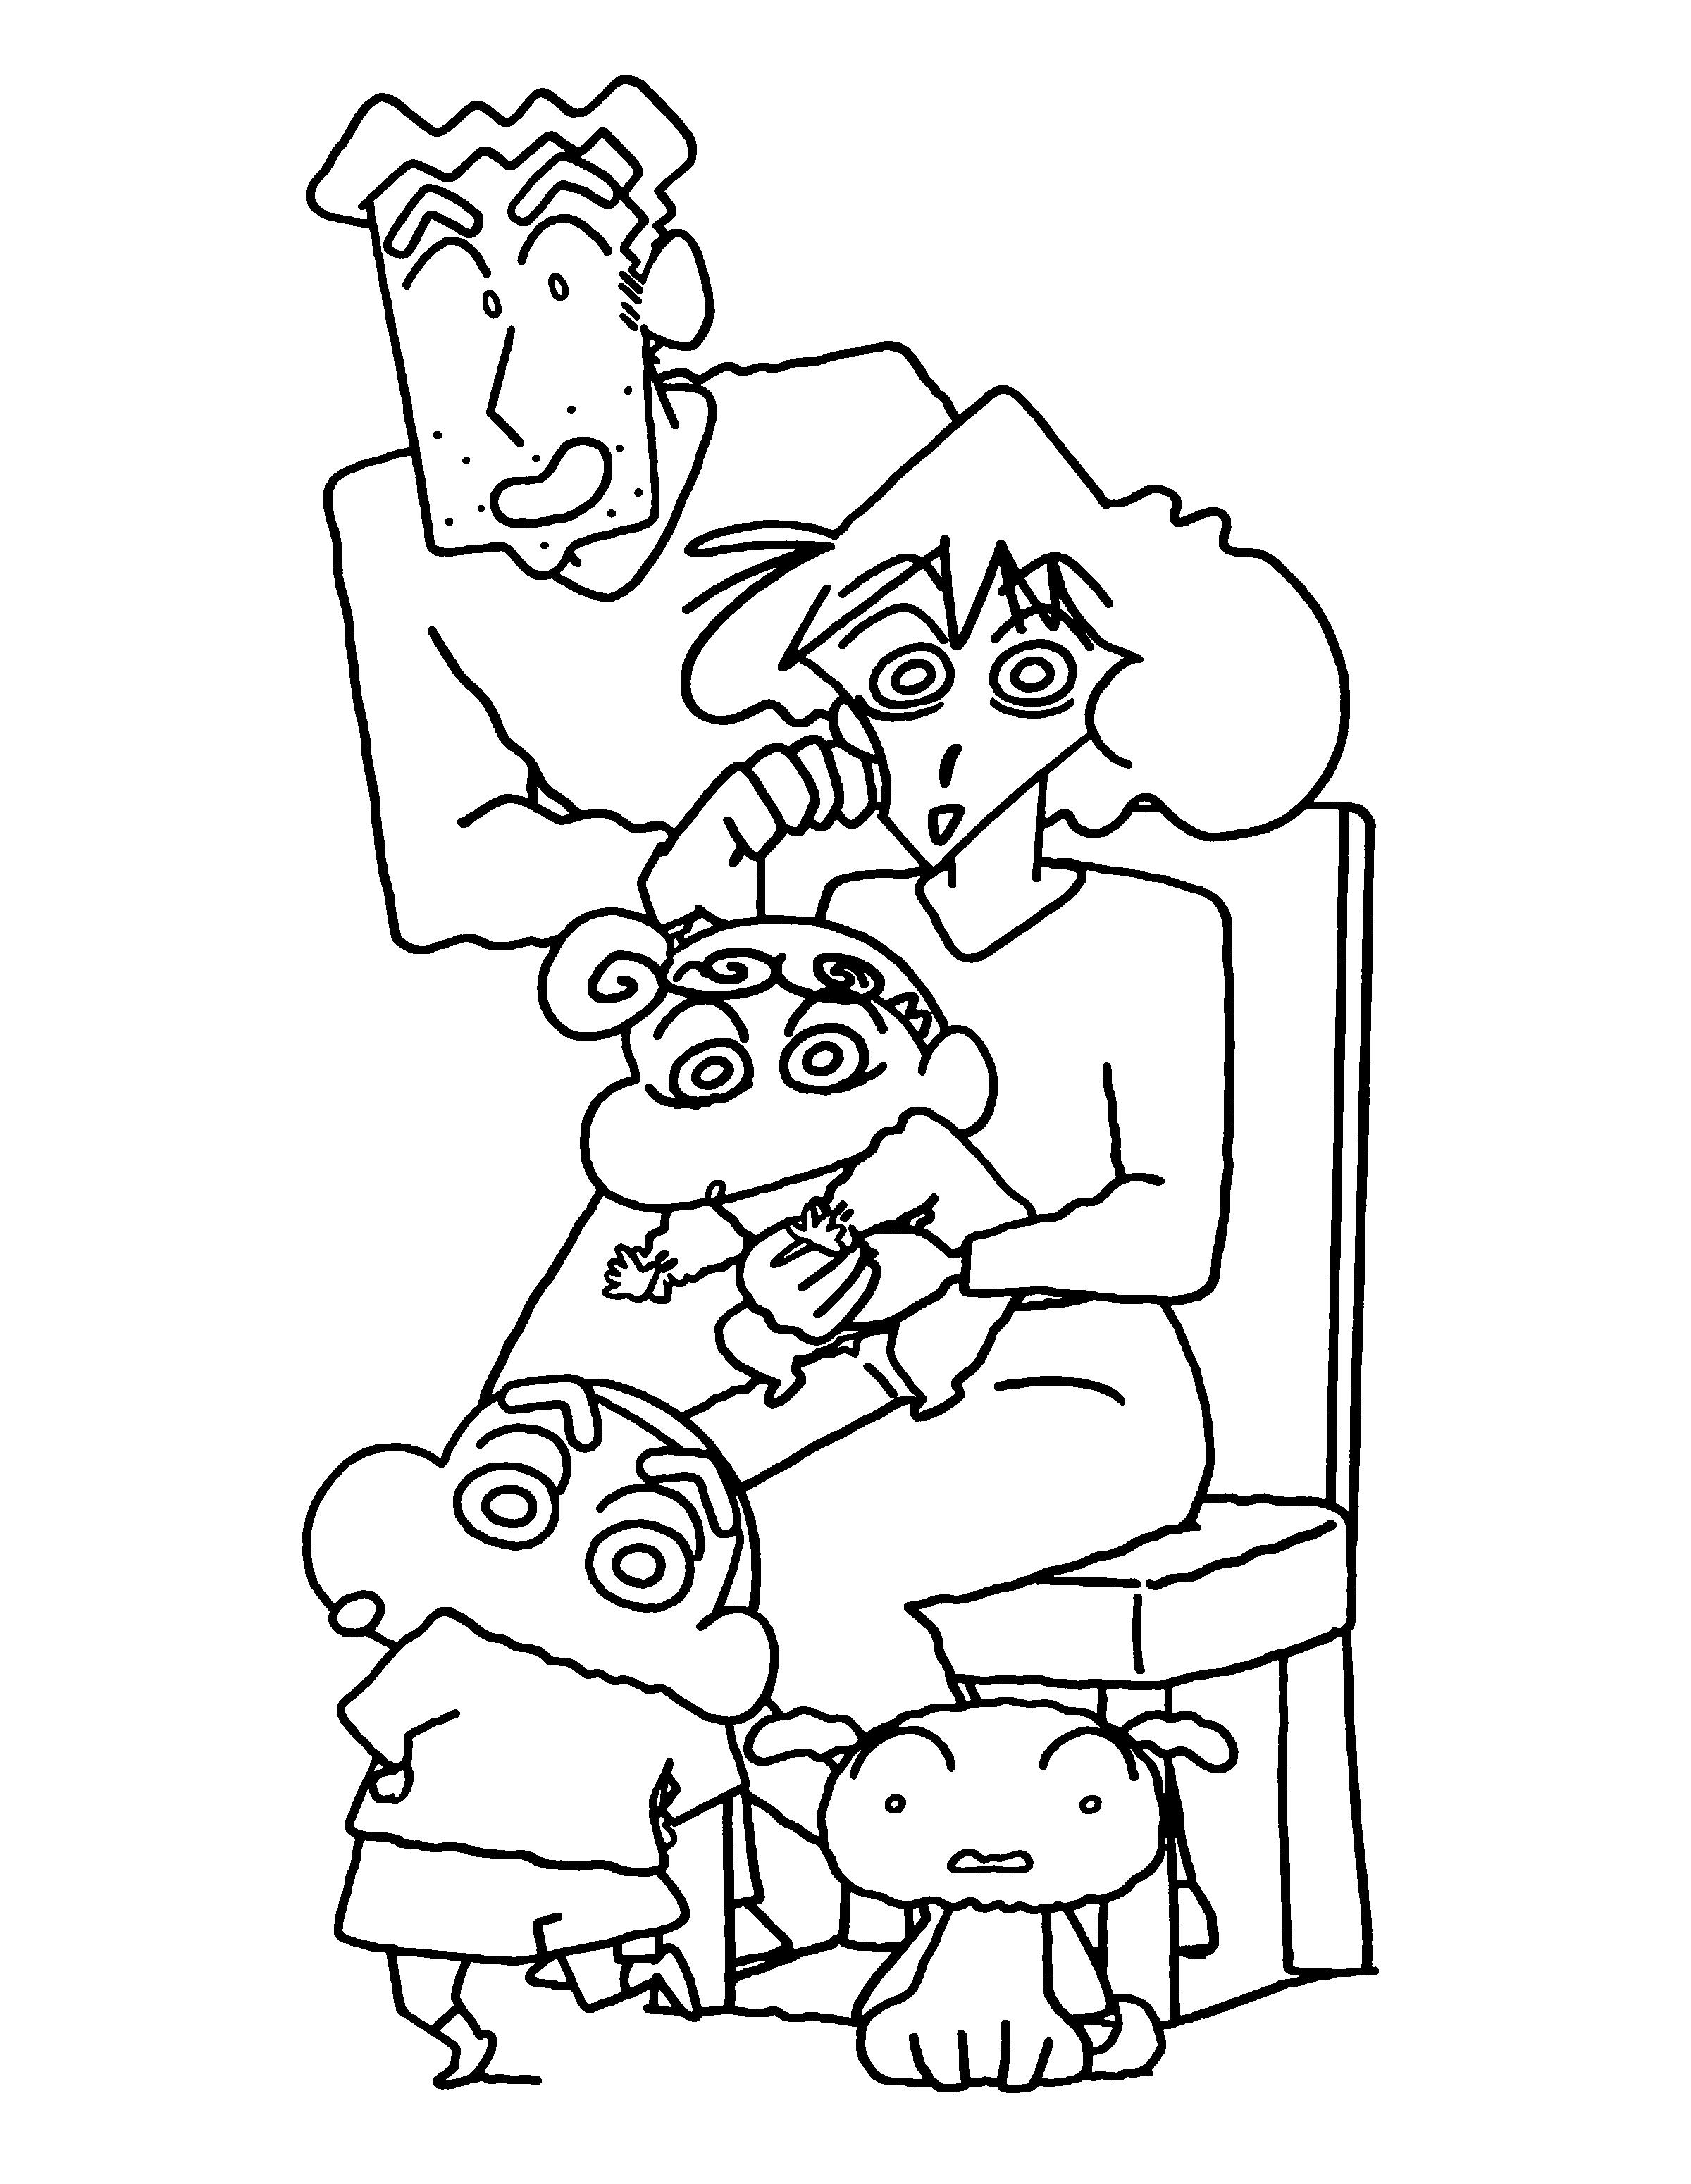 Tranh tô màu Shin cậu bé bút chì và gia đình của mình